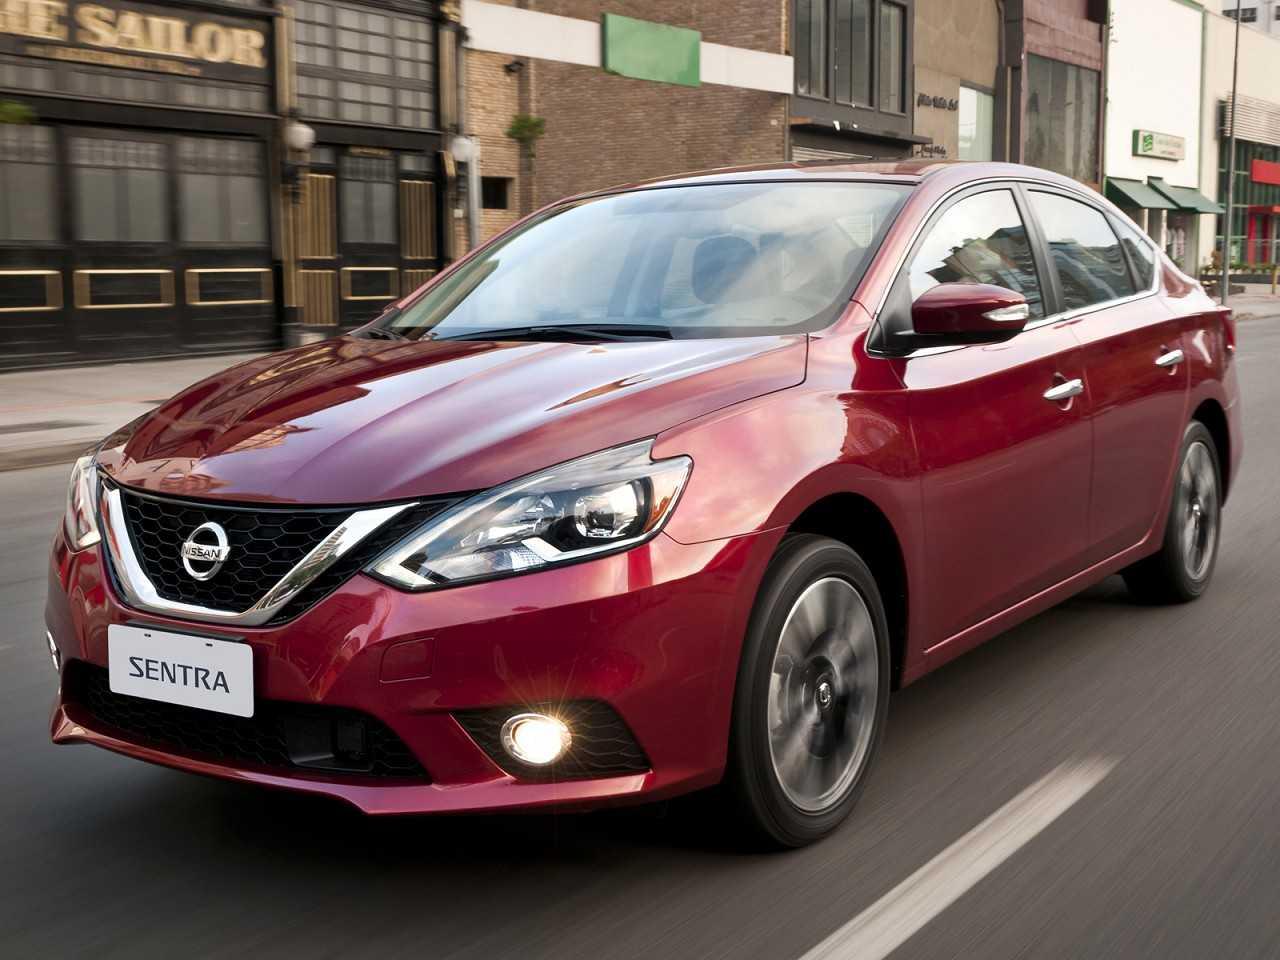 NissanSentra 2017 - ângulo frontal